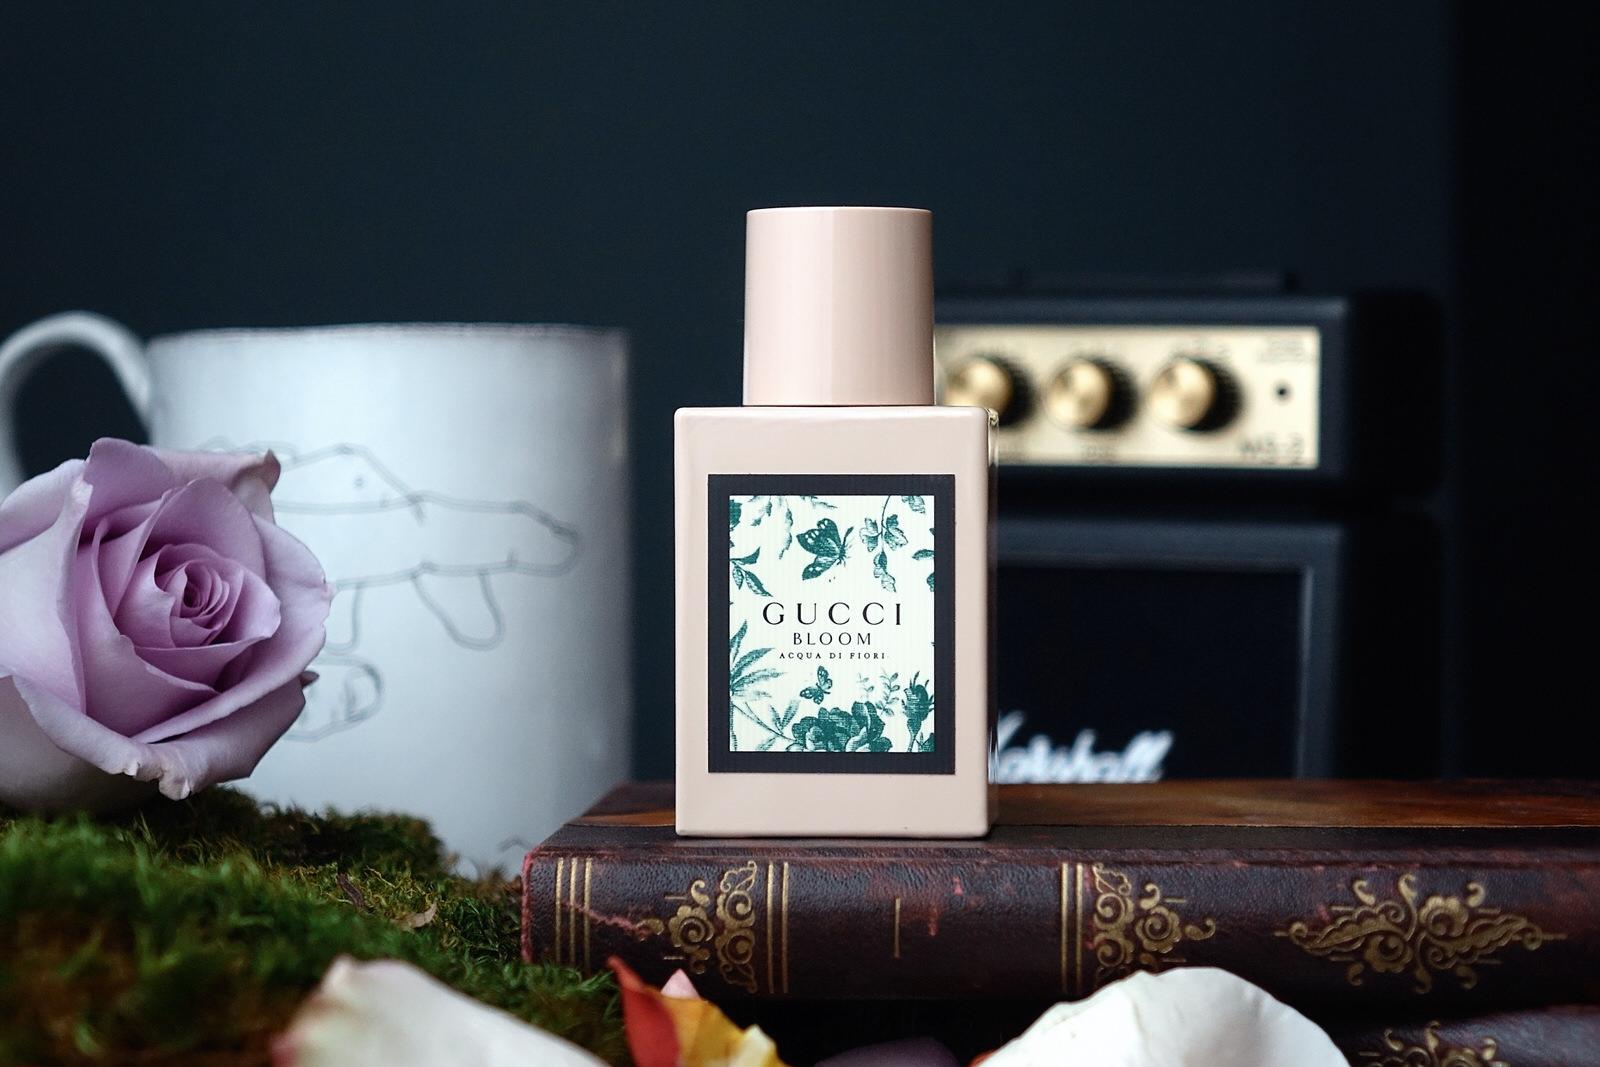 La fragrance Bloom par Gucci, eau de parfum